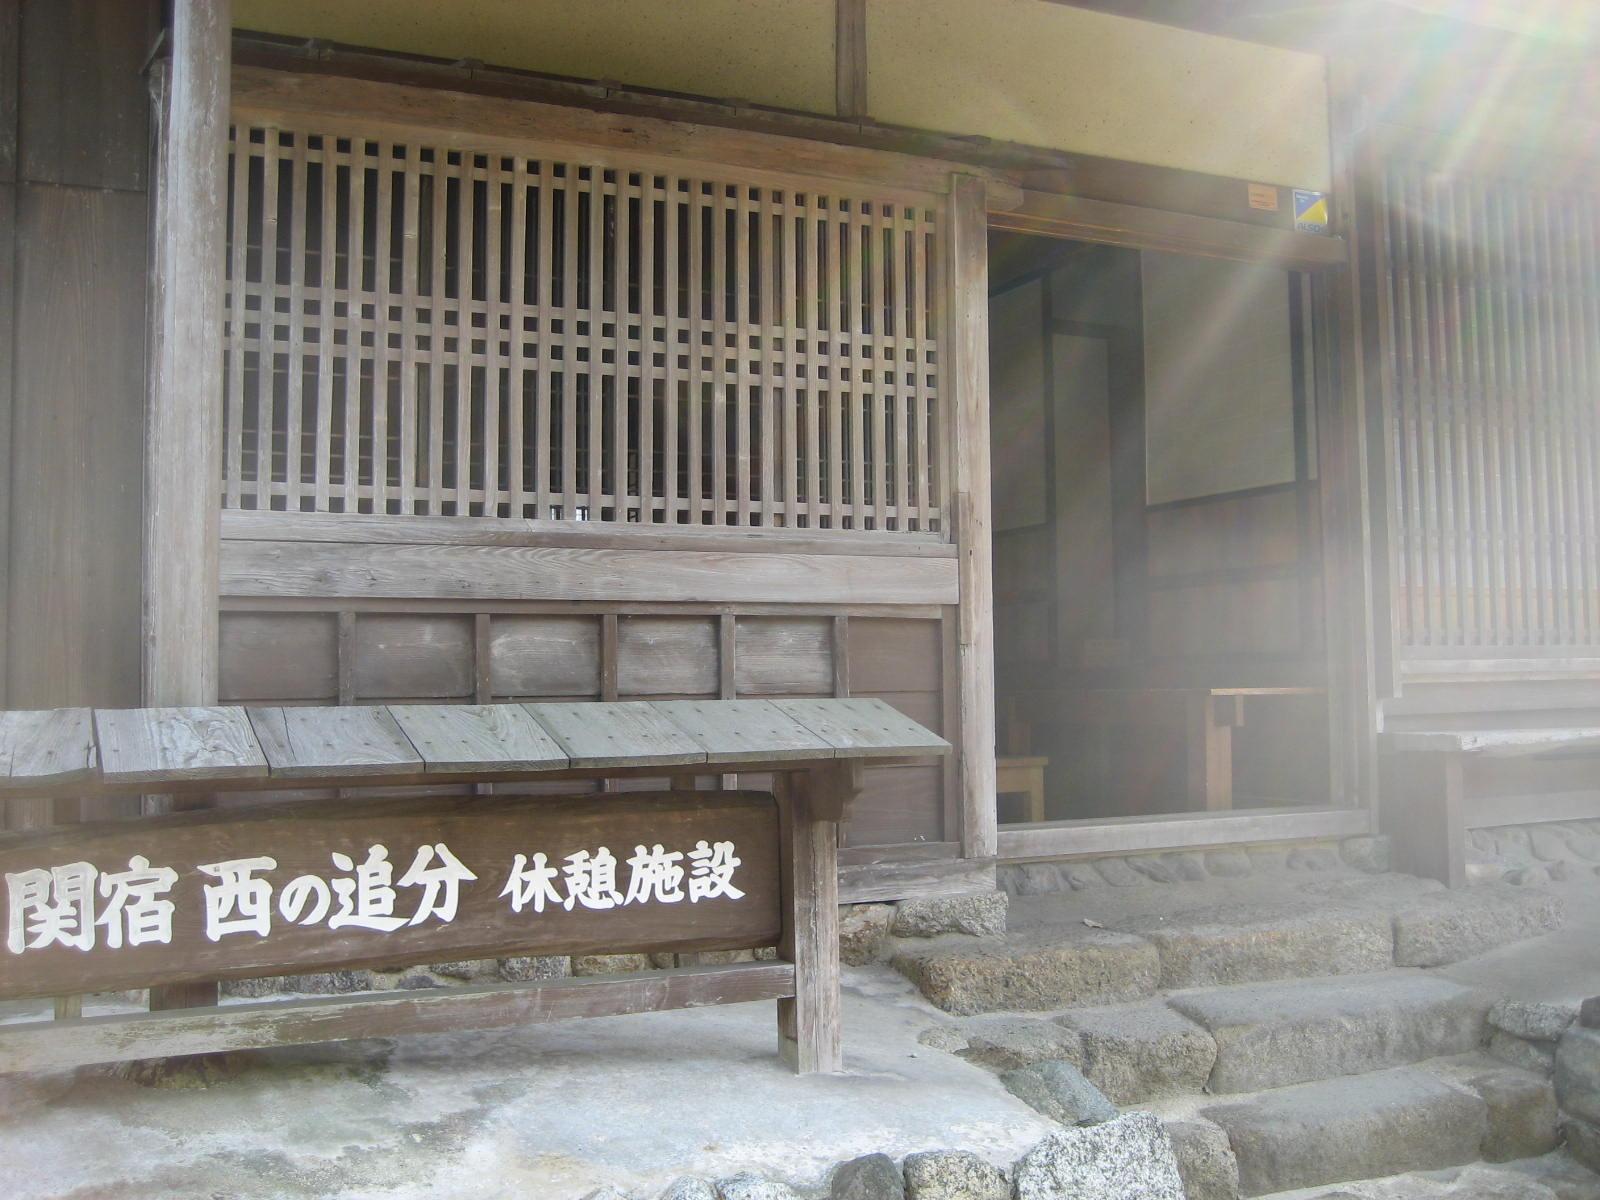 街道歩き | 不妊|漢方|鍼灸|大阪|卵子の質改善|不妊専門の三ツ川レディース漢方鍼灸院